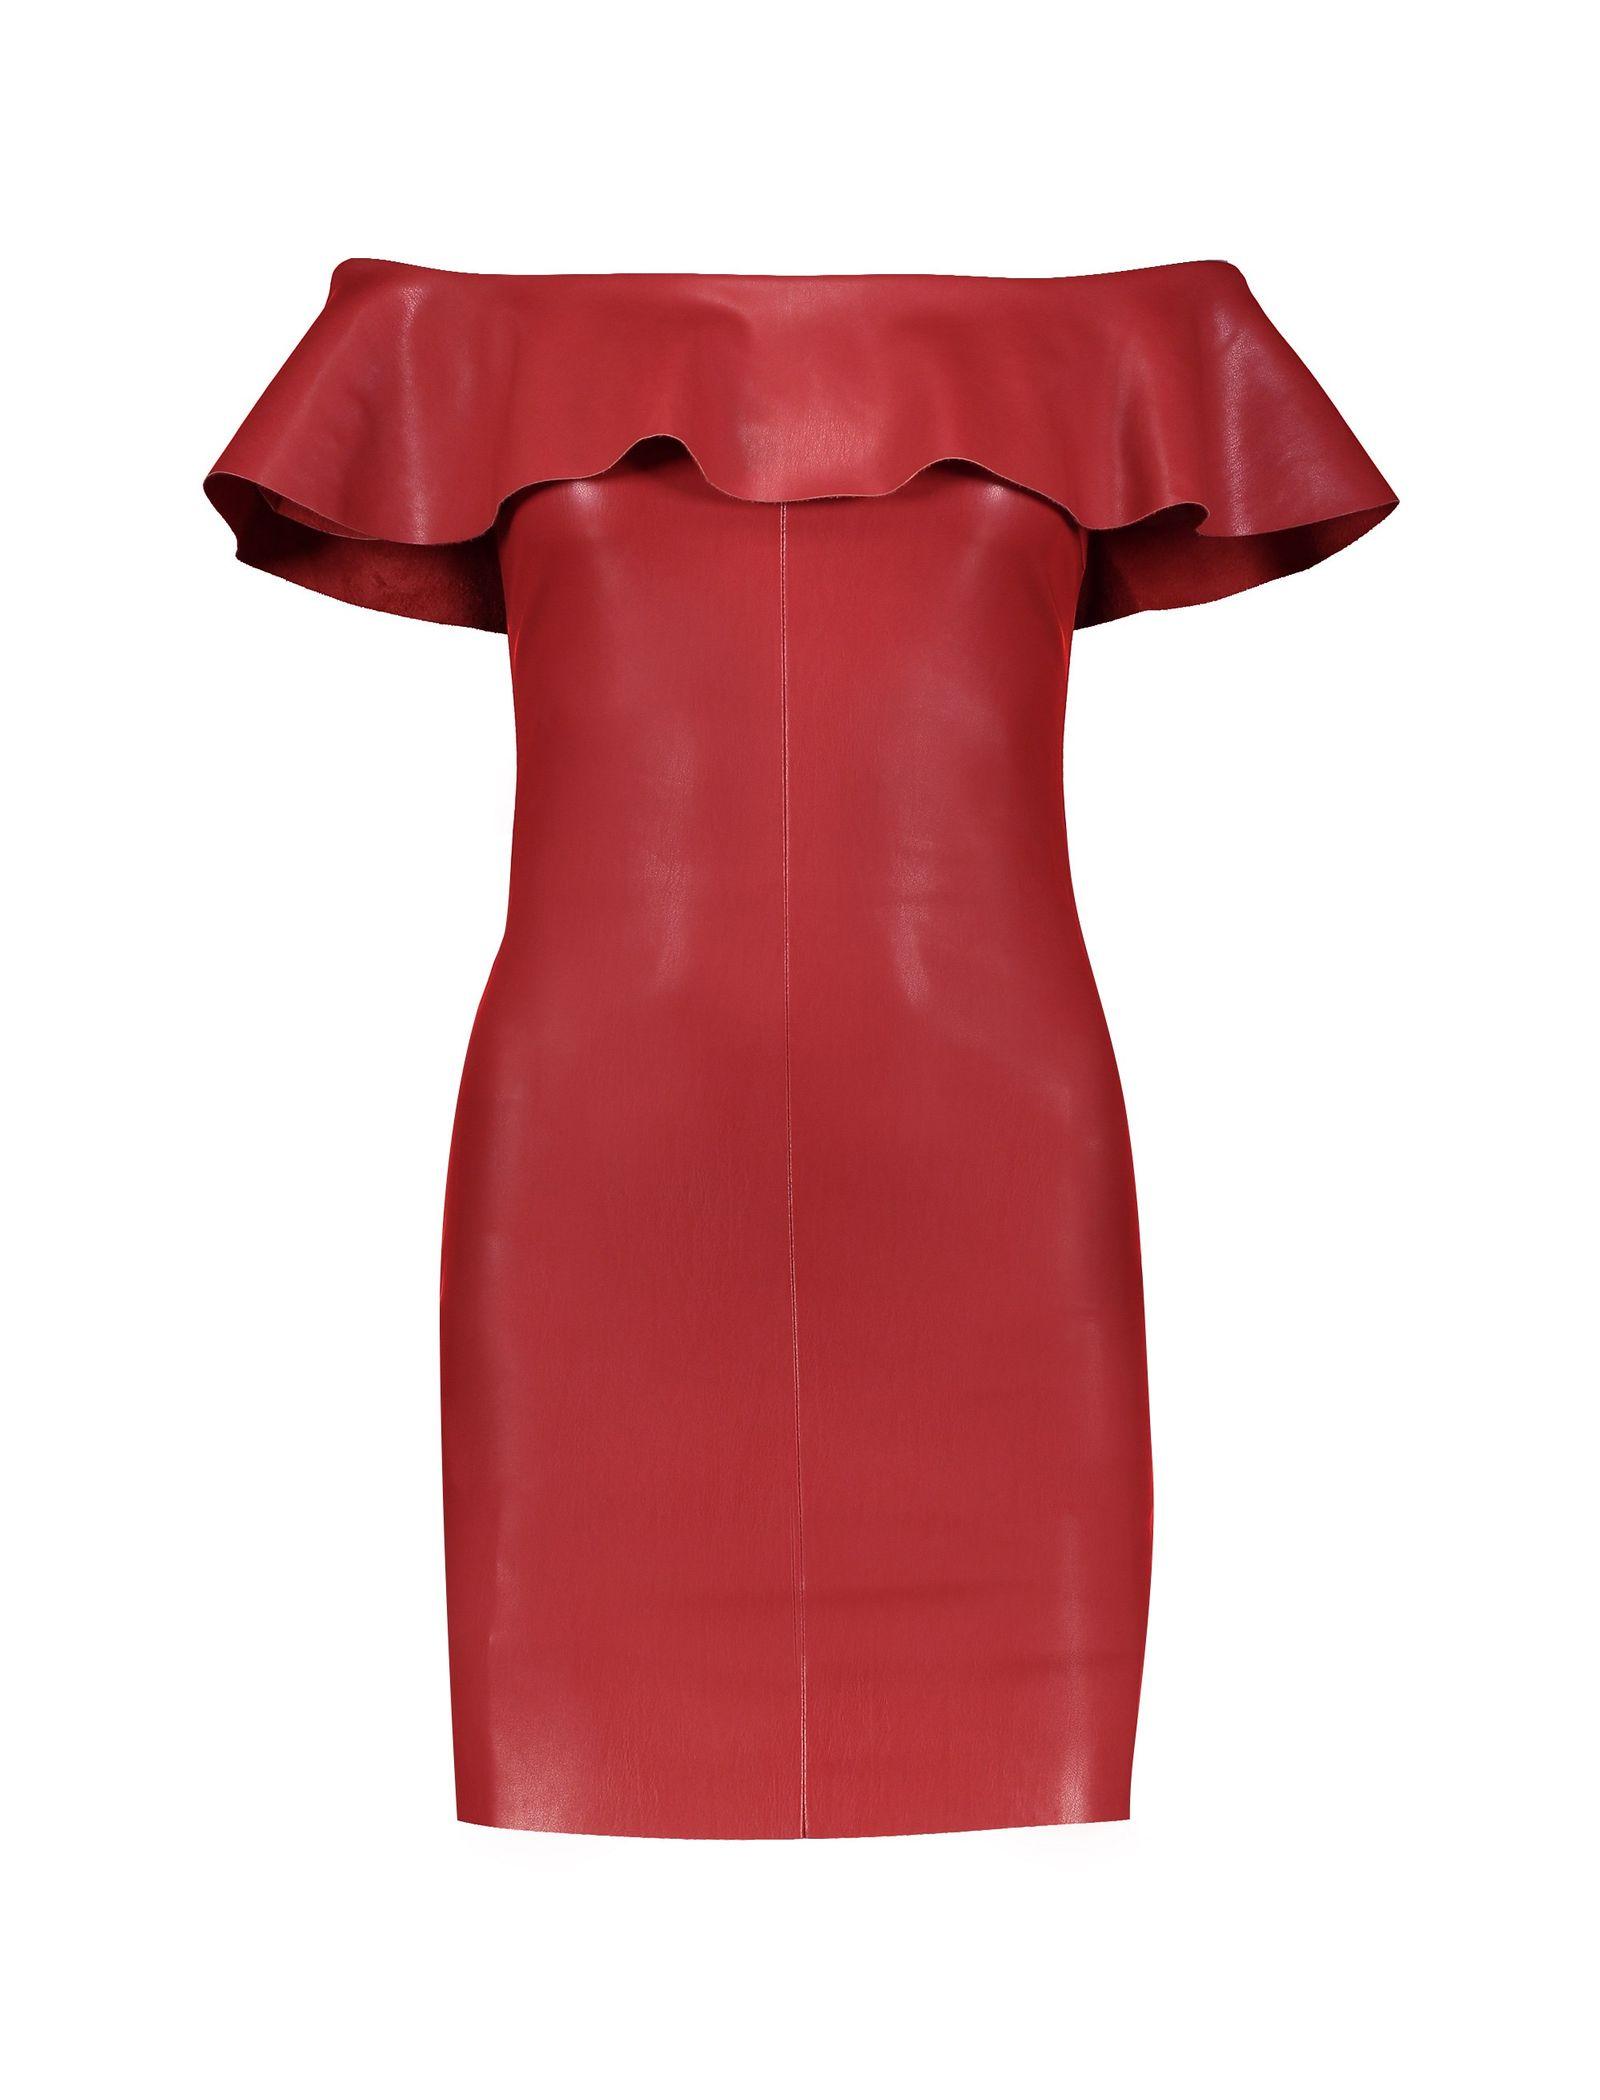 پیراهن کوتاه زنانه - مانگو - قرمز - 1